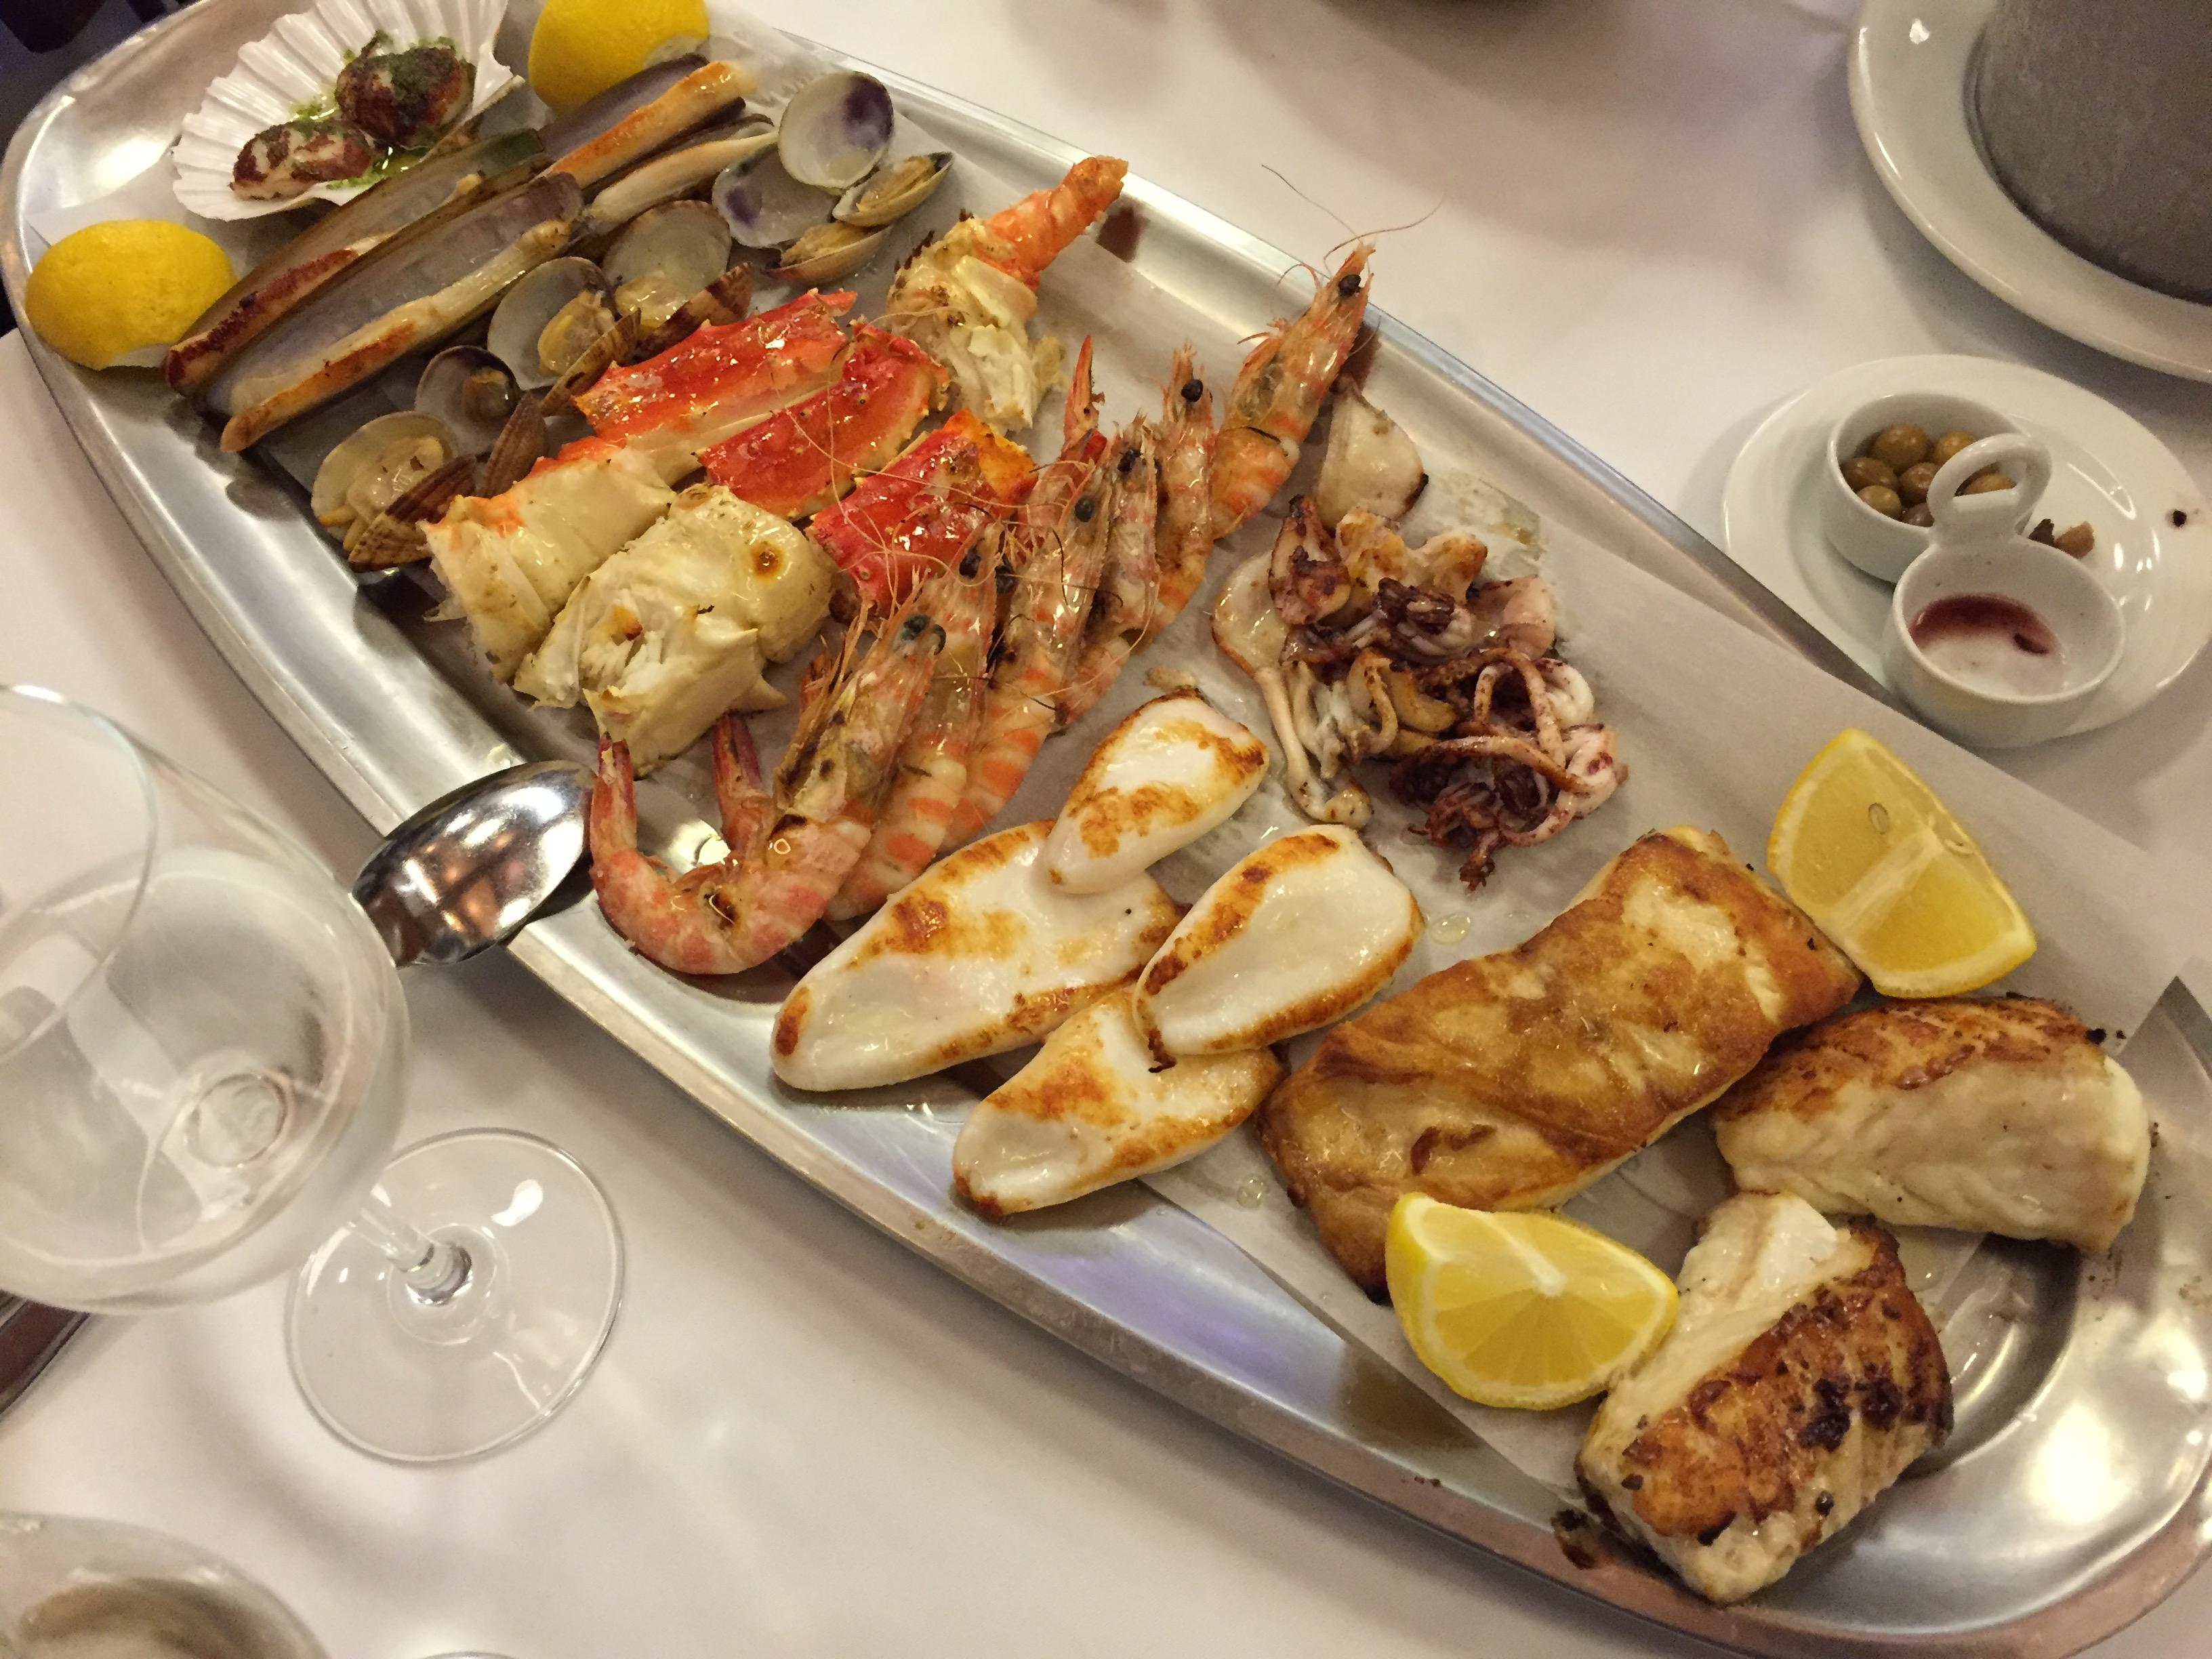 Restaurante assunta madre barcelona no automatic alt text - Assunta madre barcelona ...